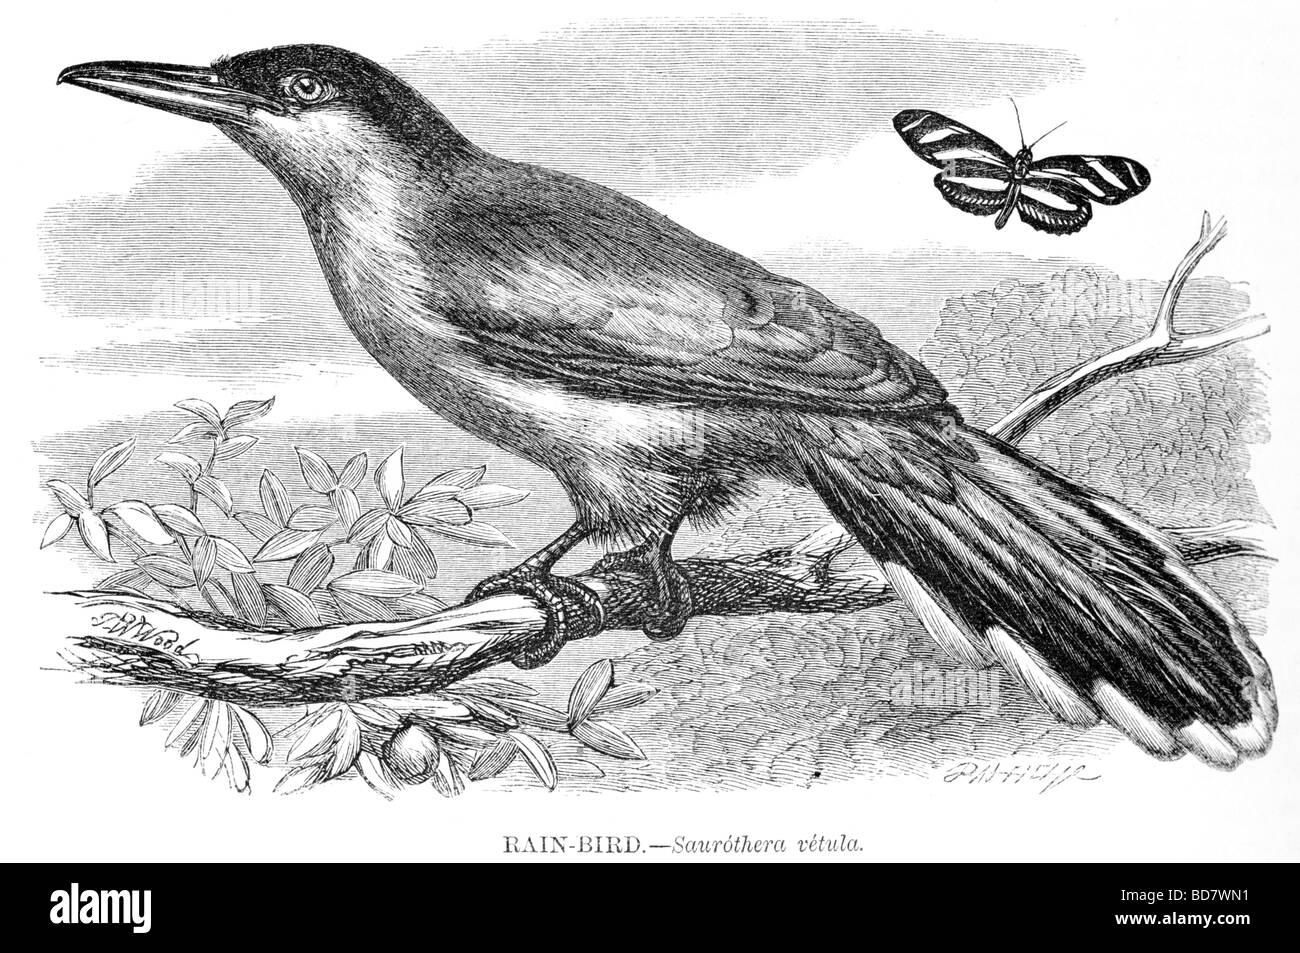 rain bird saurothera vetula - Stock Image